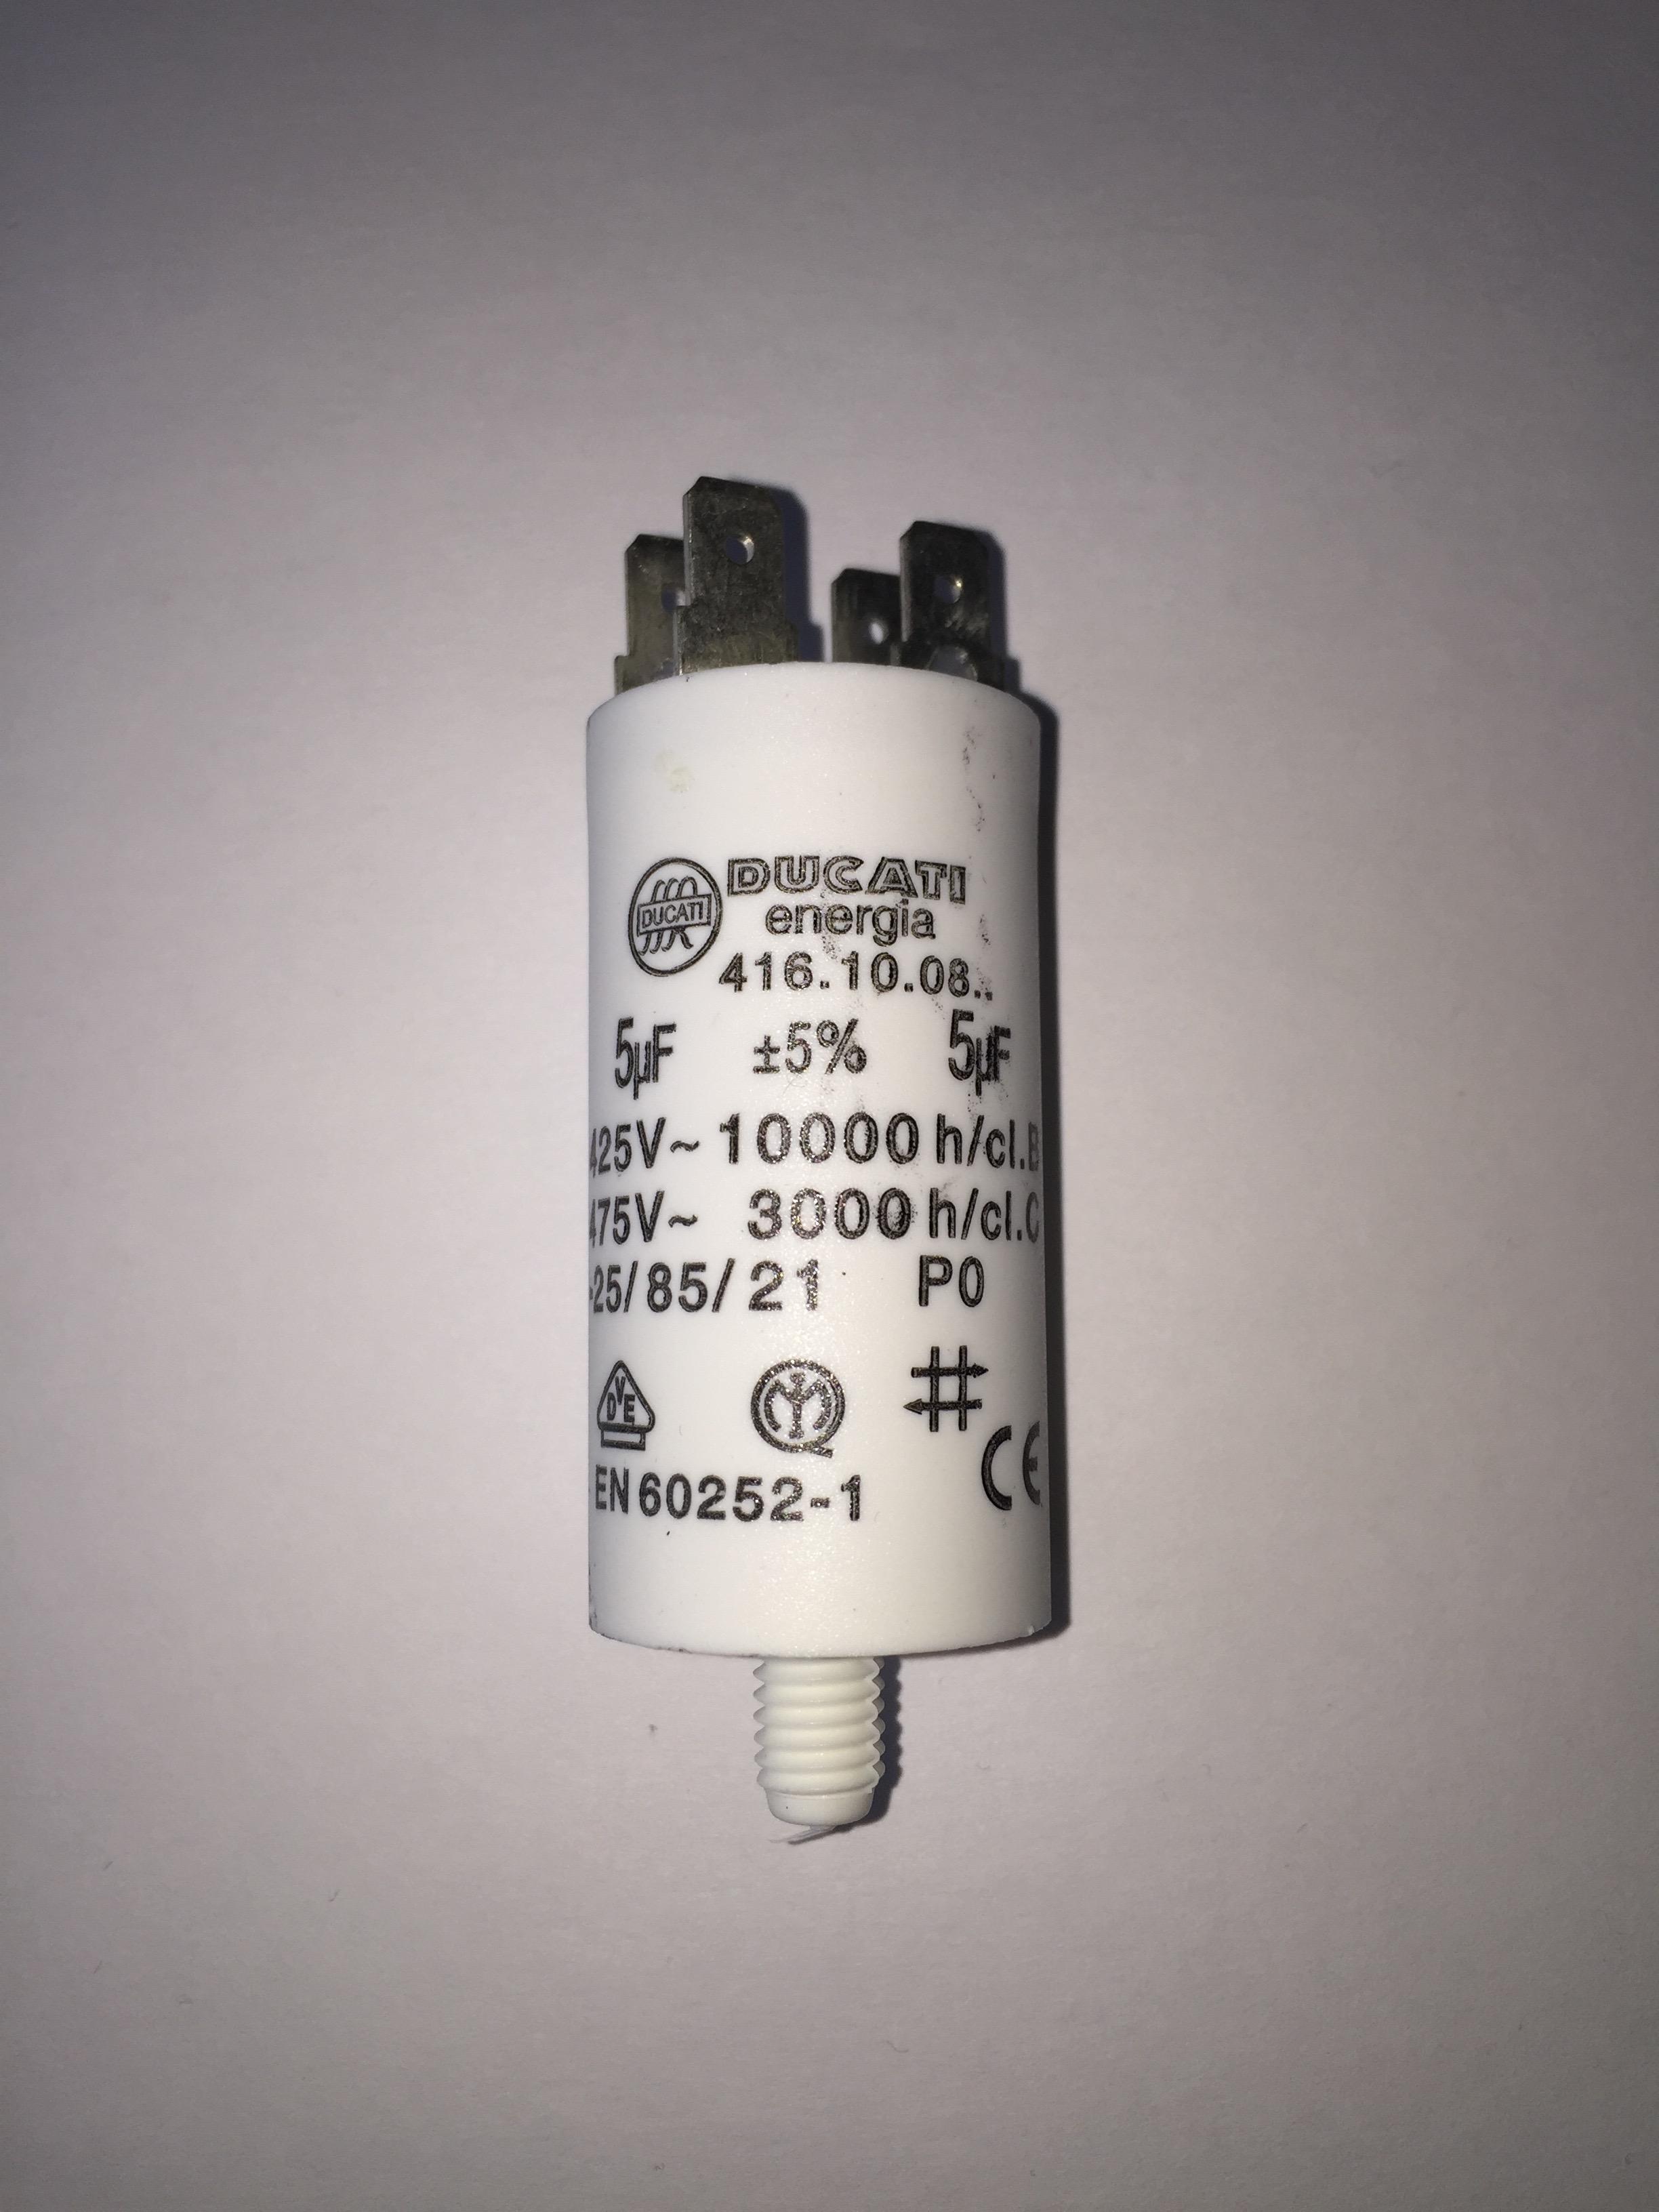 Stuart turner capacitor 5uf 240v buy shower pump capacitors for Ducati energia motor run capacitor